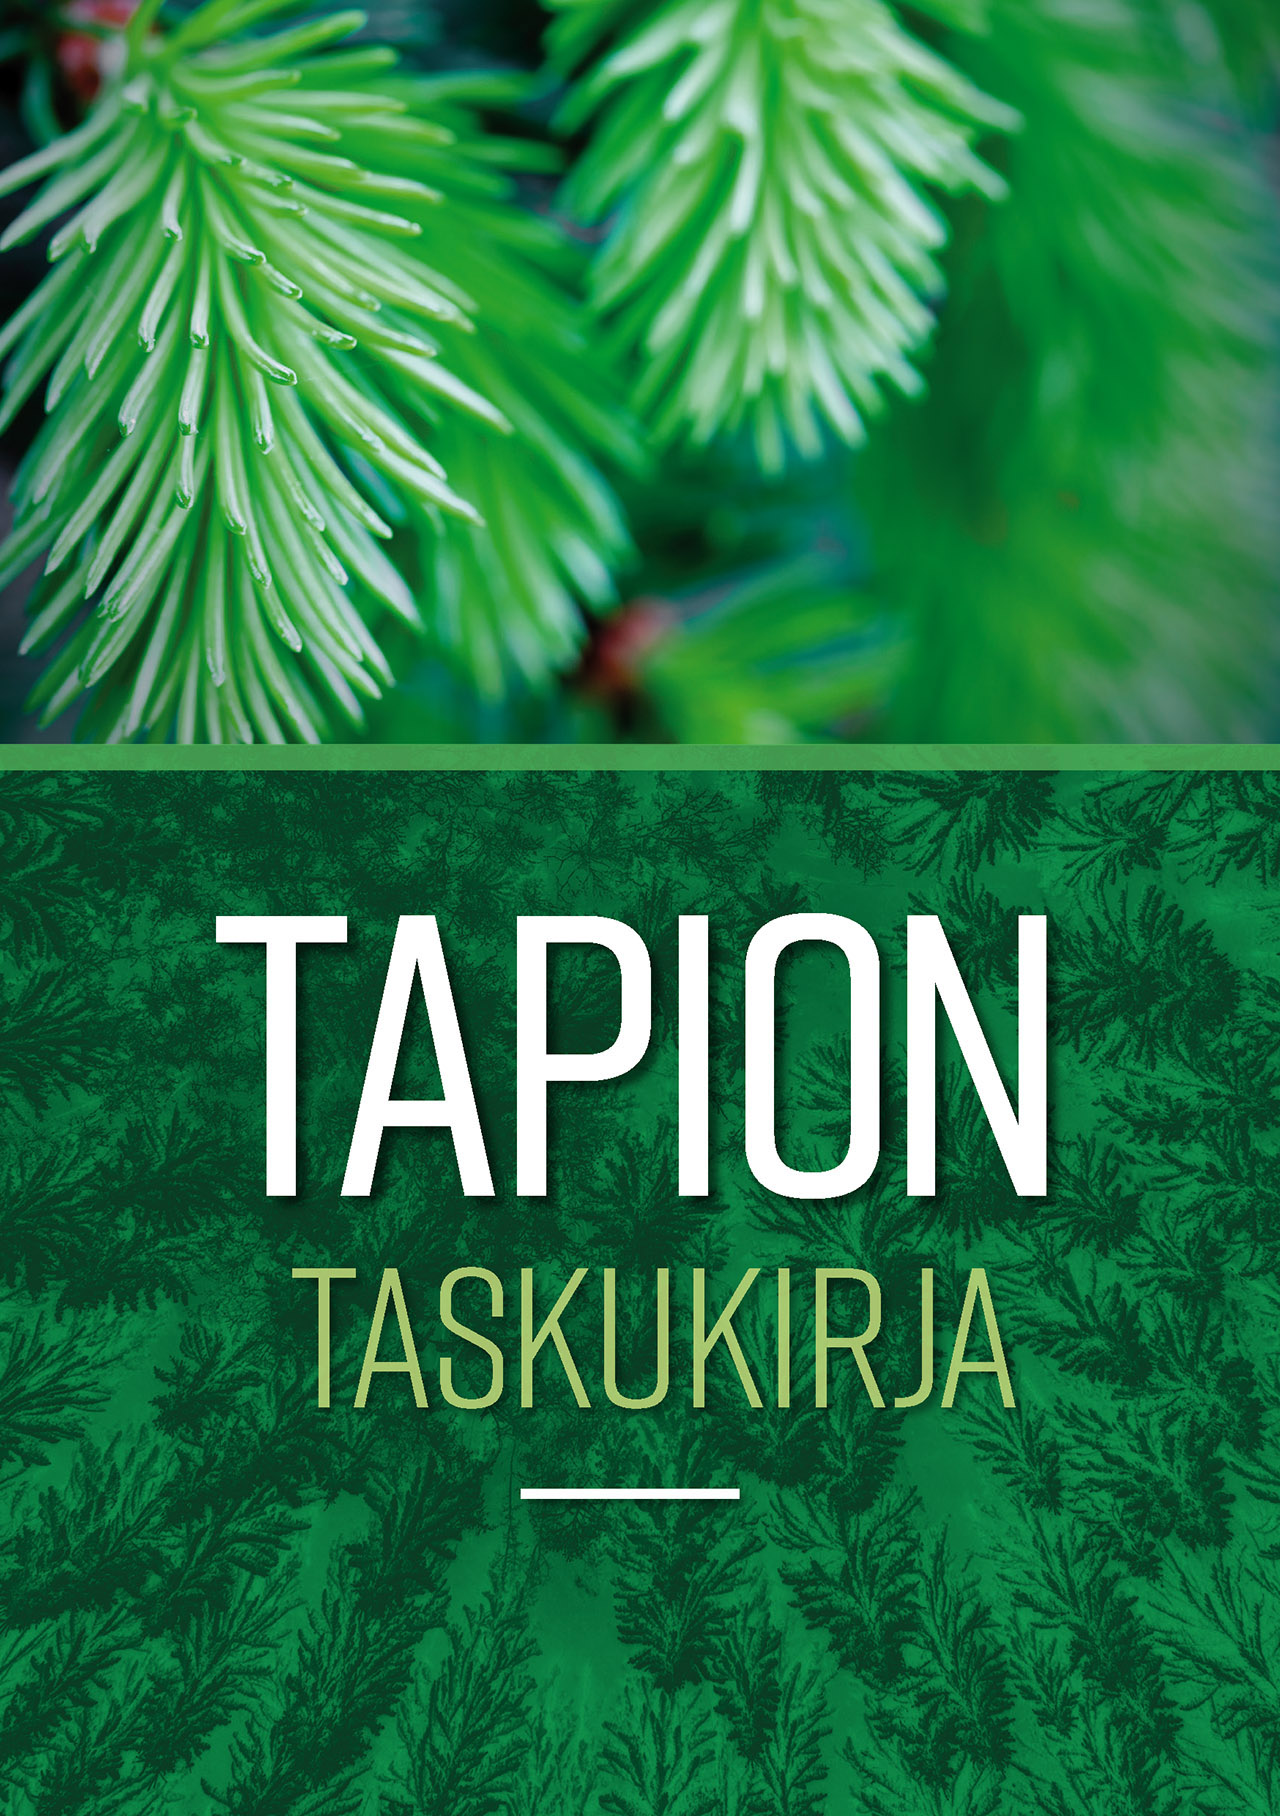 Tapion Taskukirja